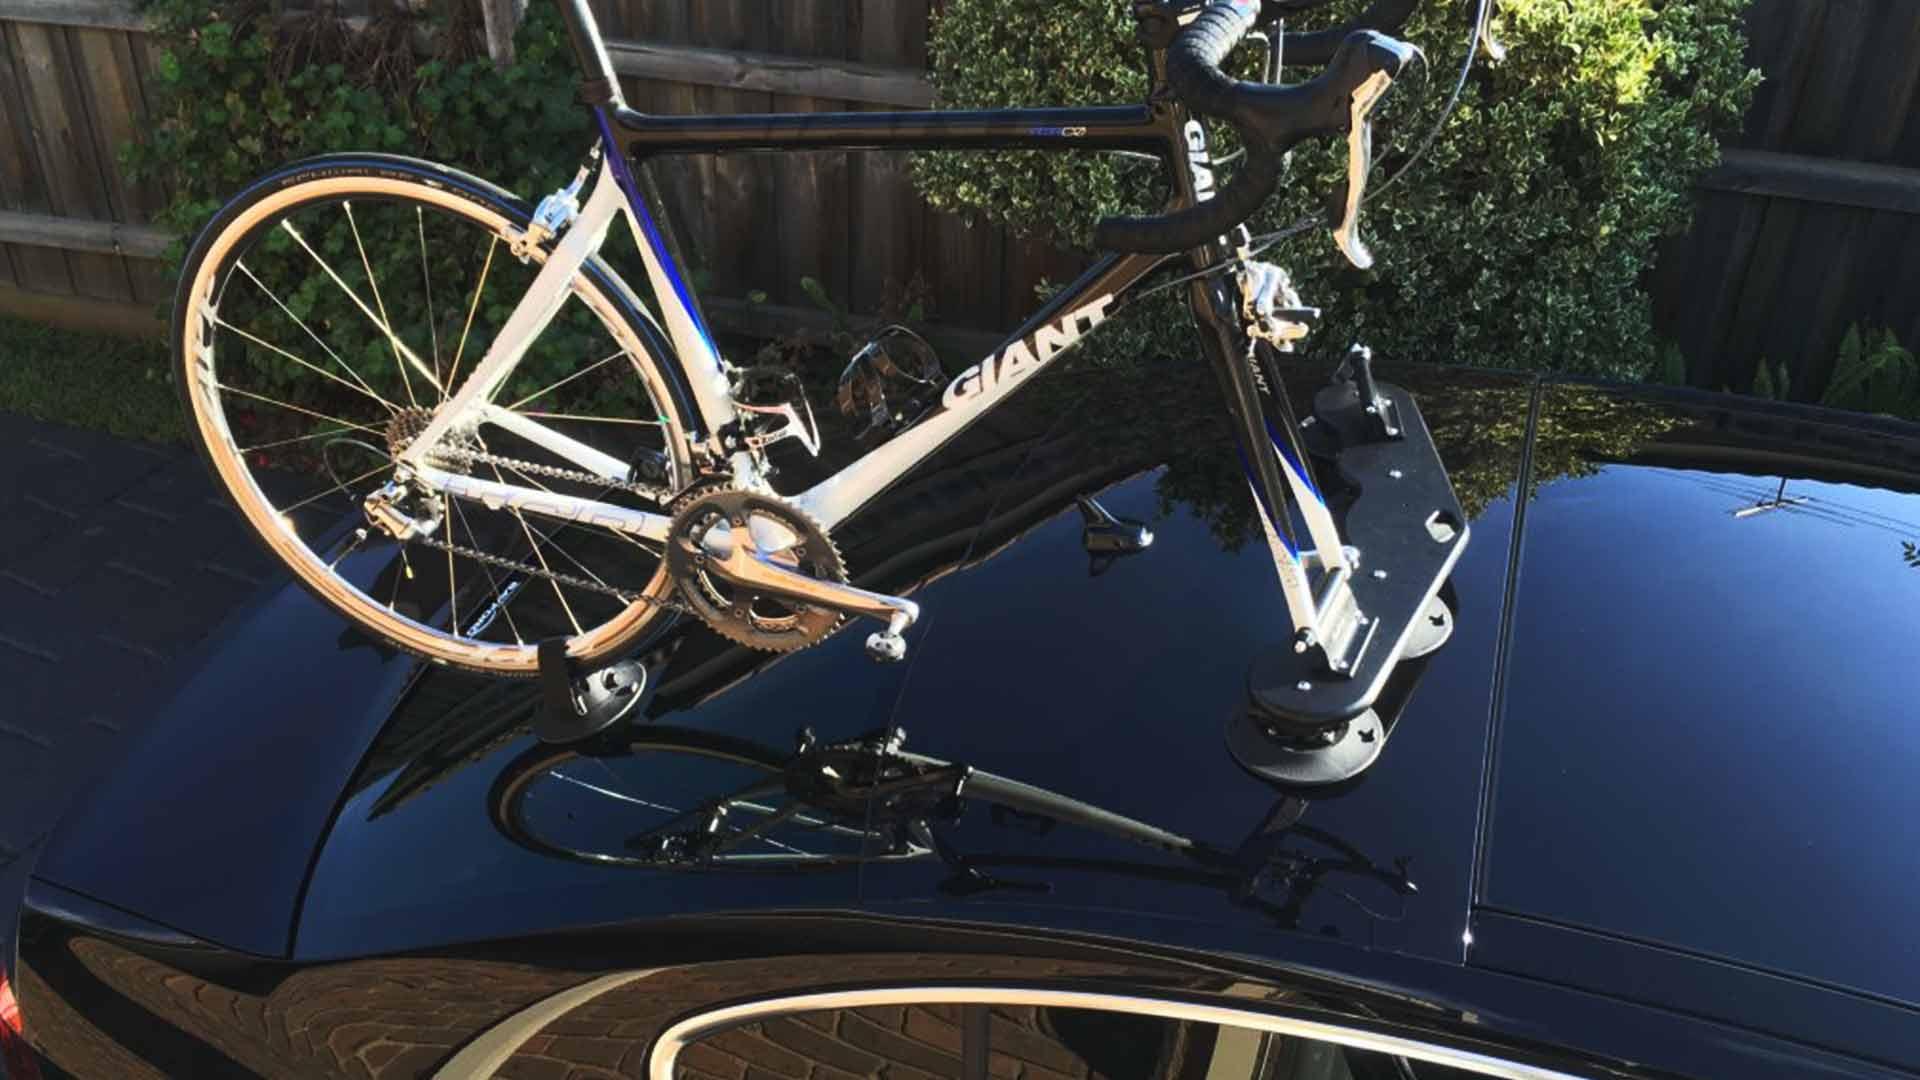 volkswagen passat bike rack